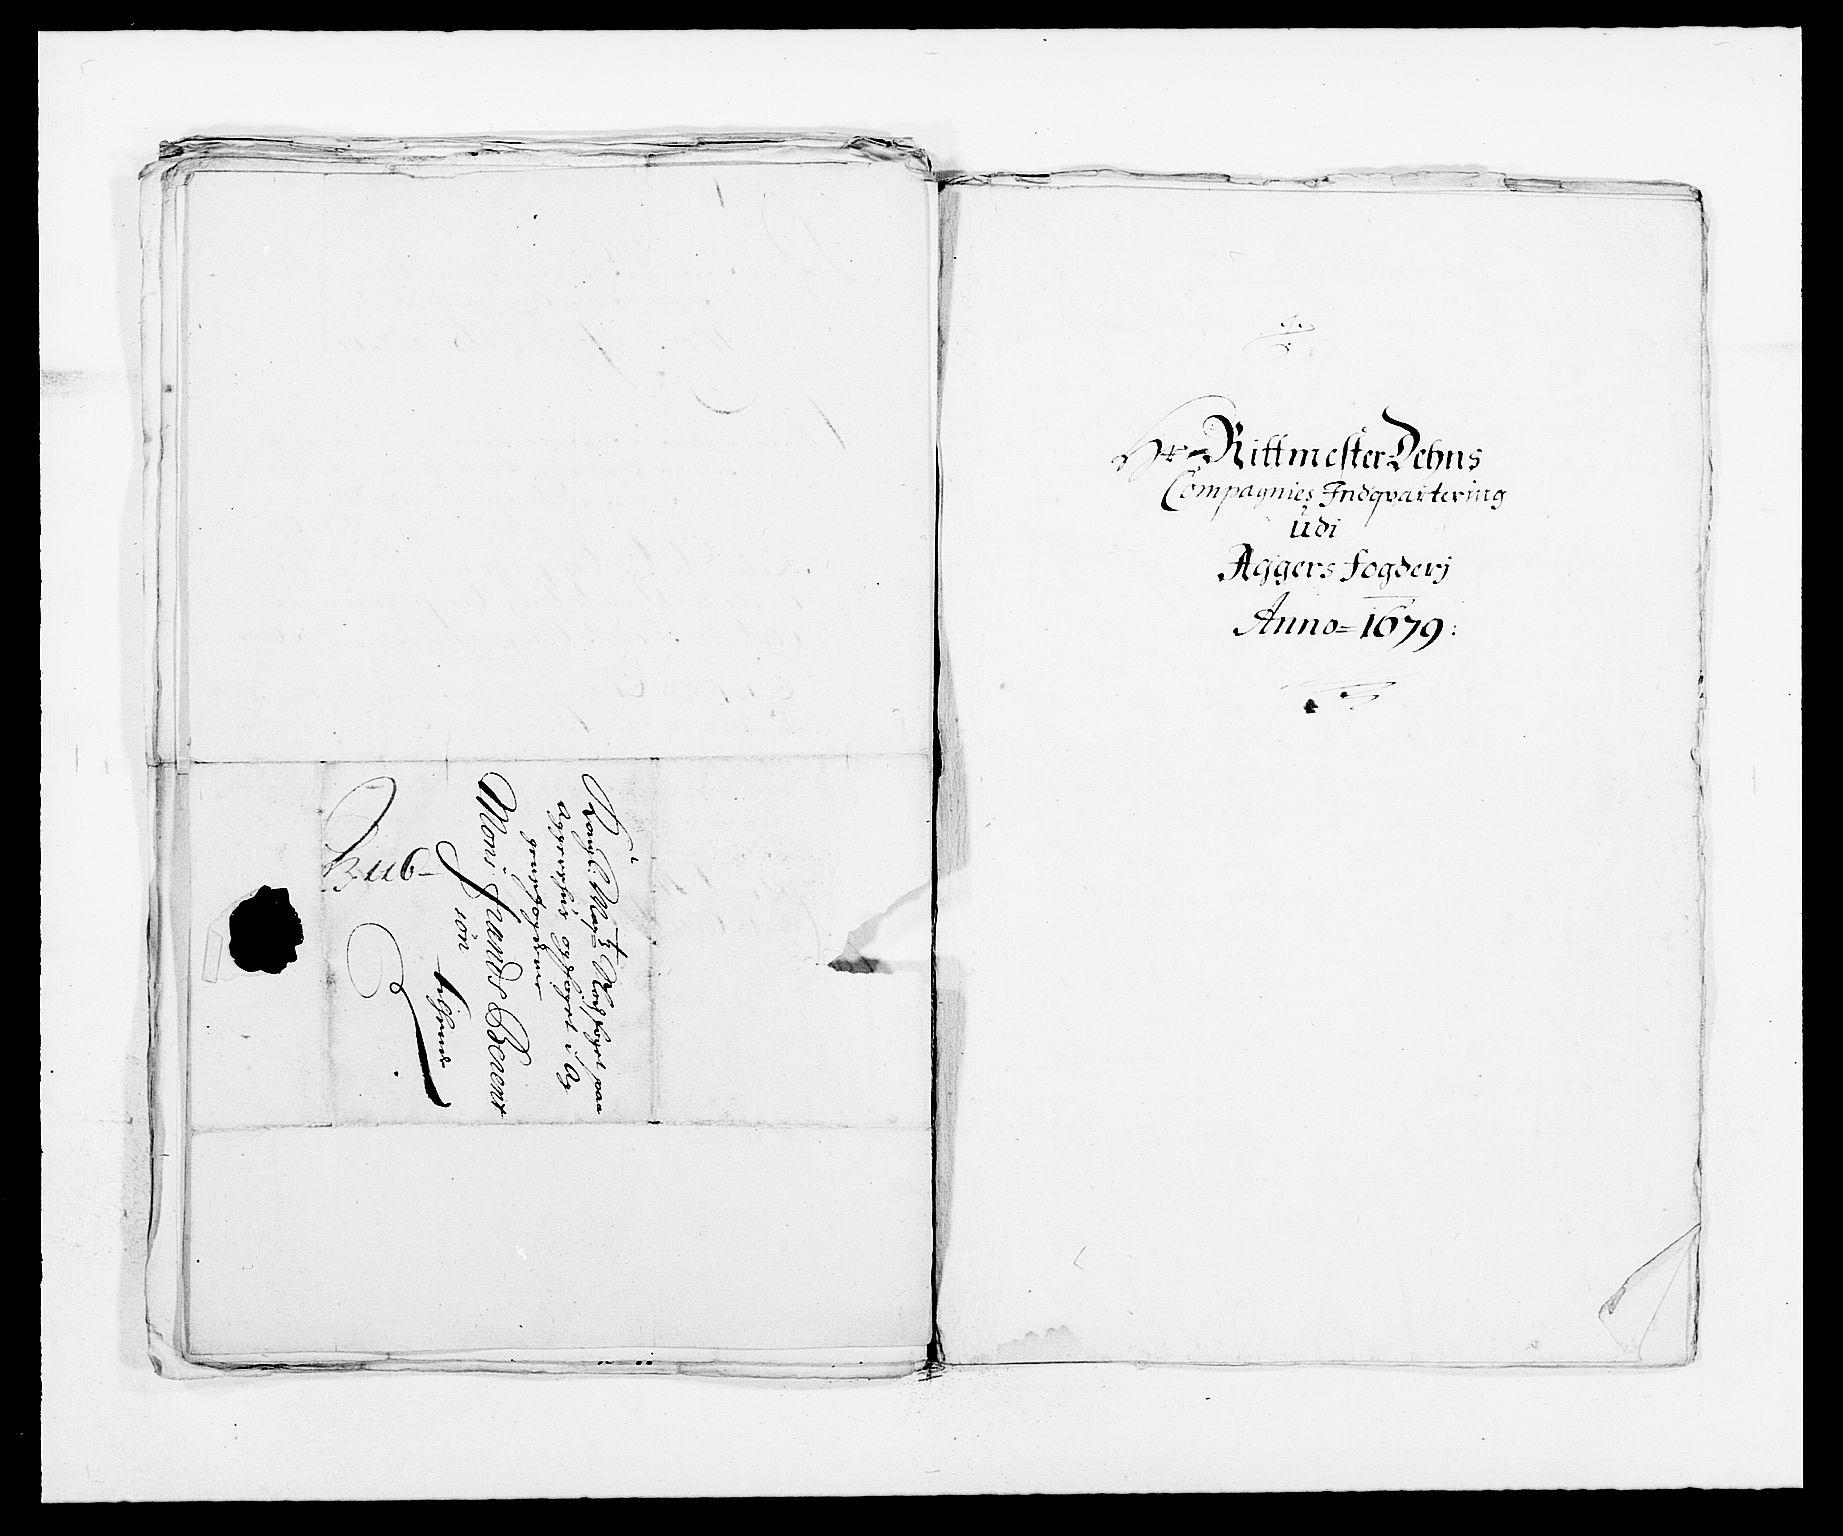 RA, Rentekammeret inntil 1814, Reviderte regnskaper, Fogderegnskap, R08/L0418: Fogderegnskap Aker, 1678-1681, s. 143